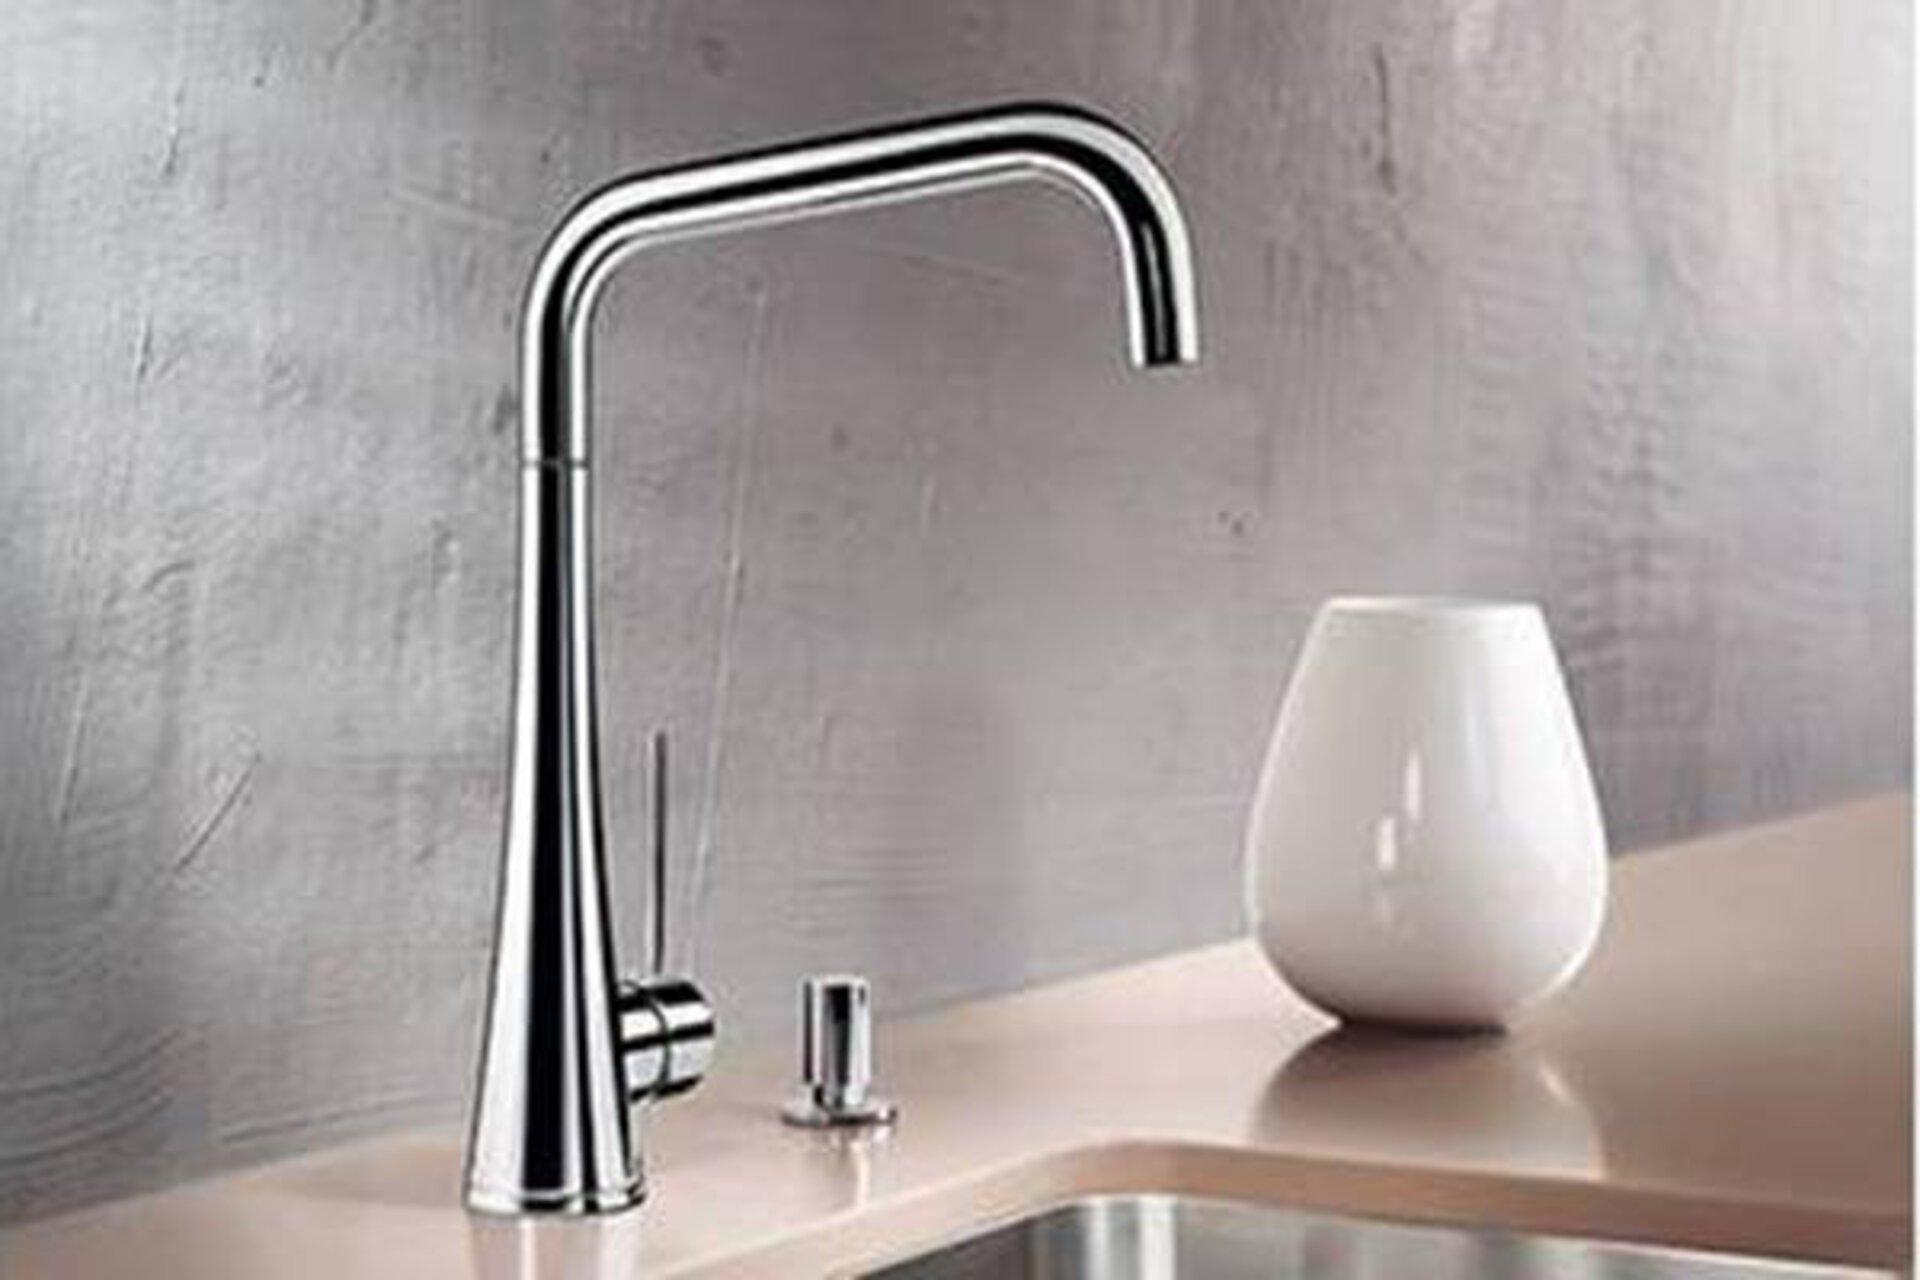 Design-Armatur aus glänzendem Edelstahl dient als Kategoriebild für den Bereich Armaturen in der Küche.